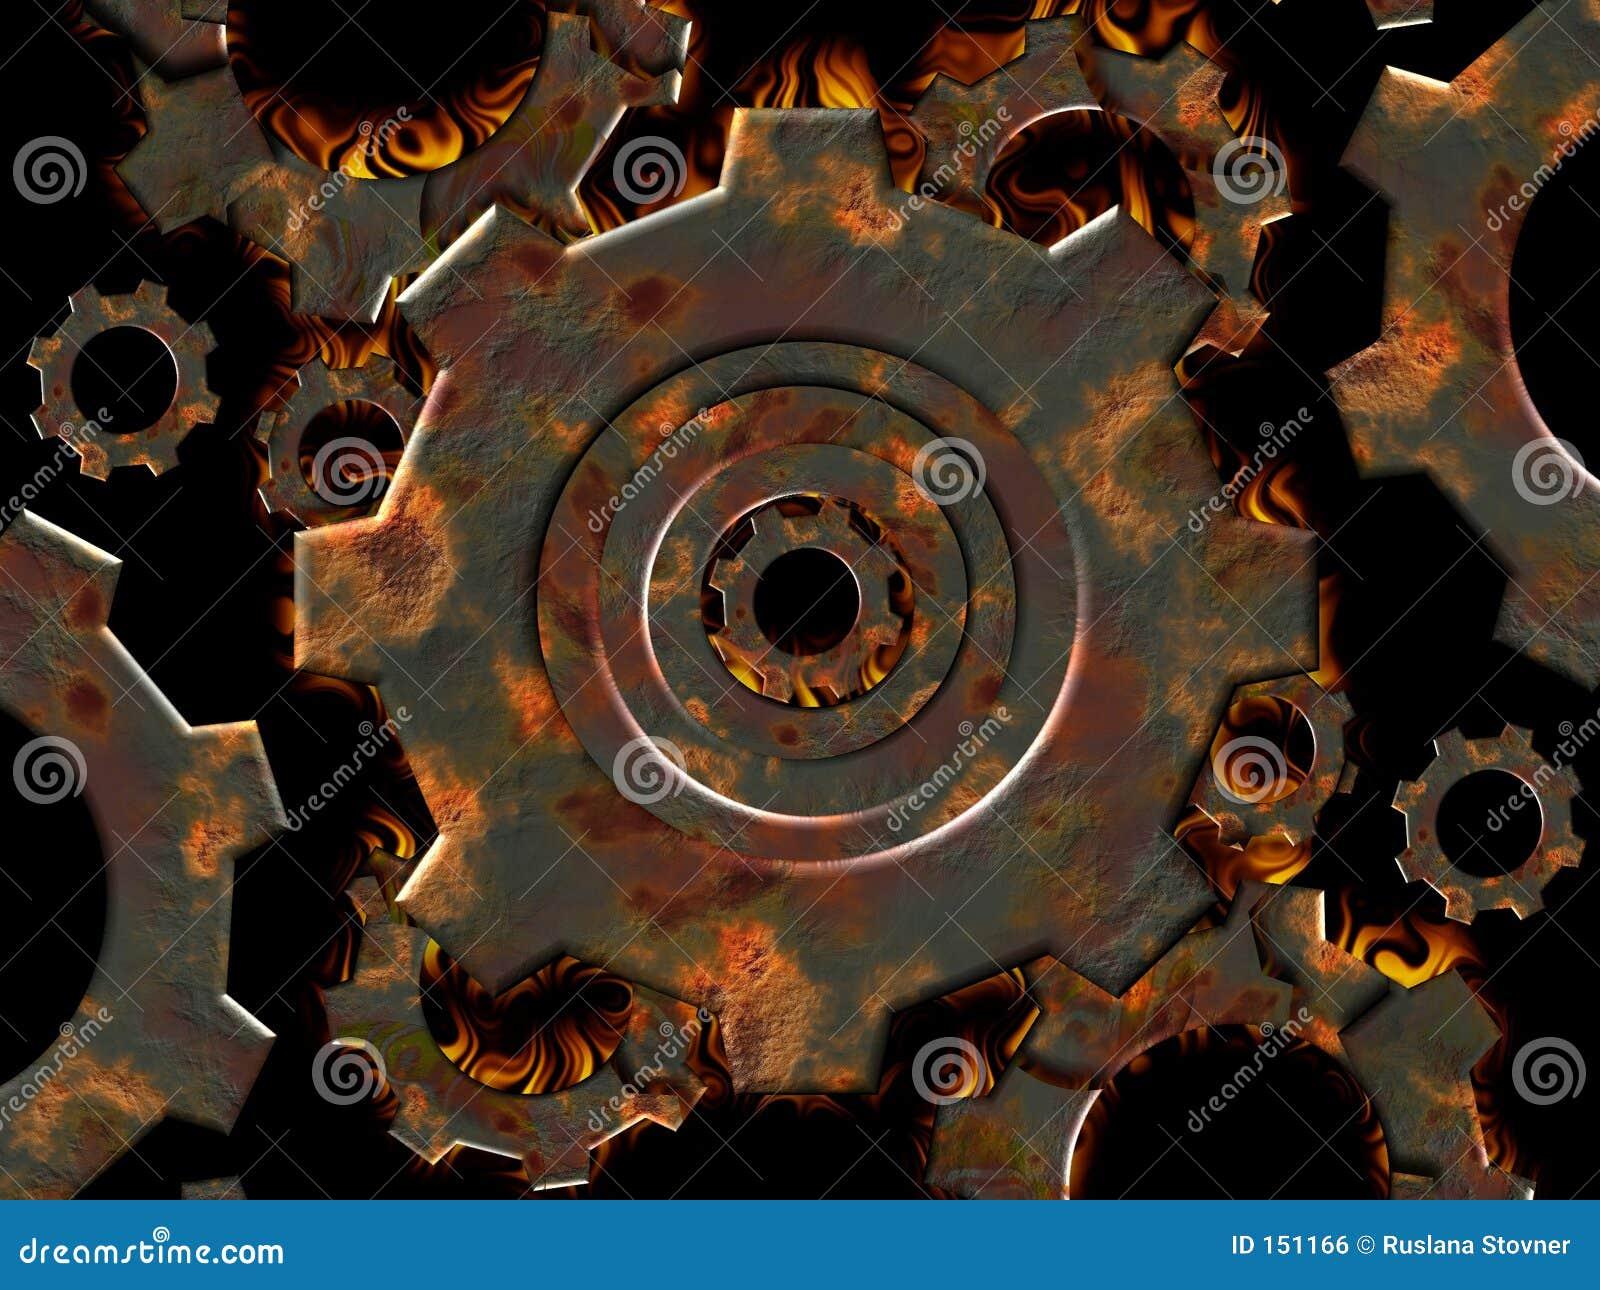 Rusty gears on fire